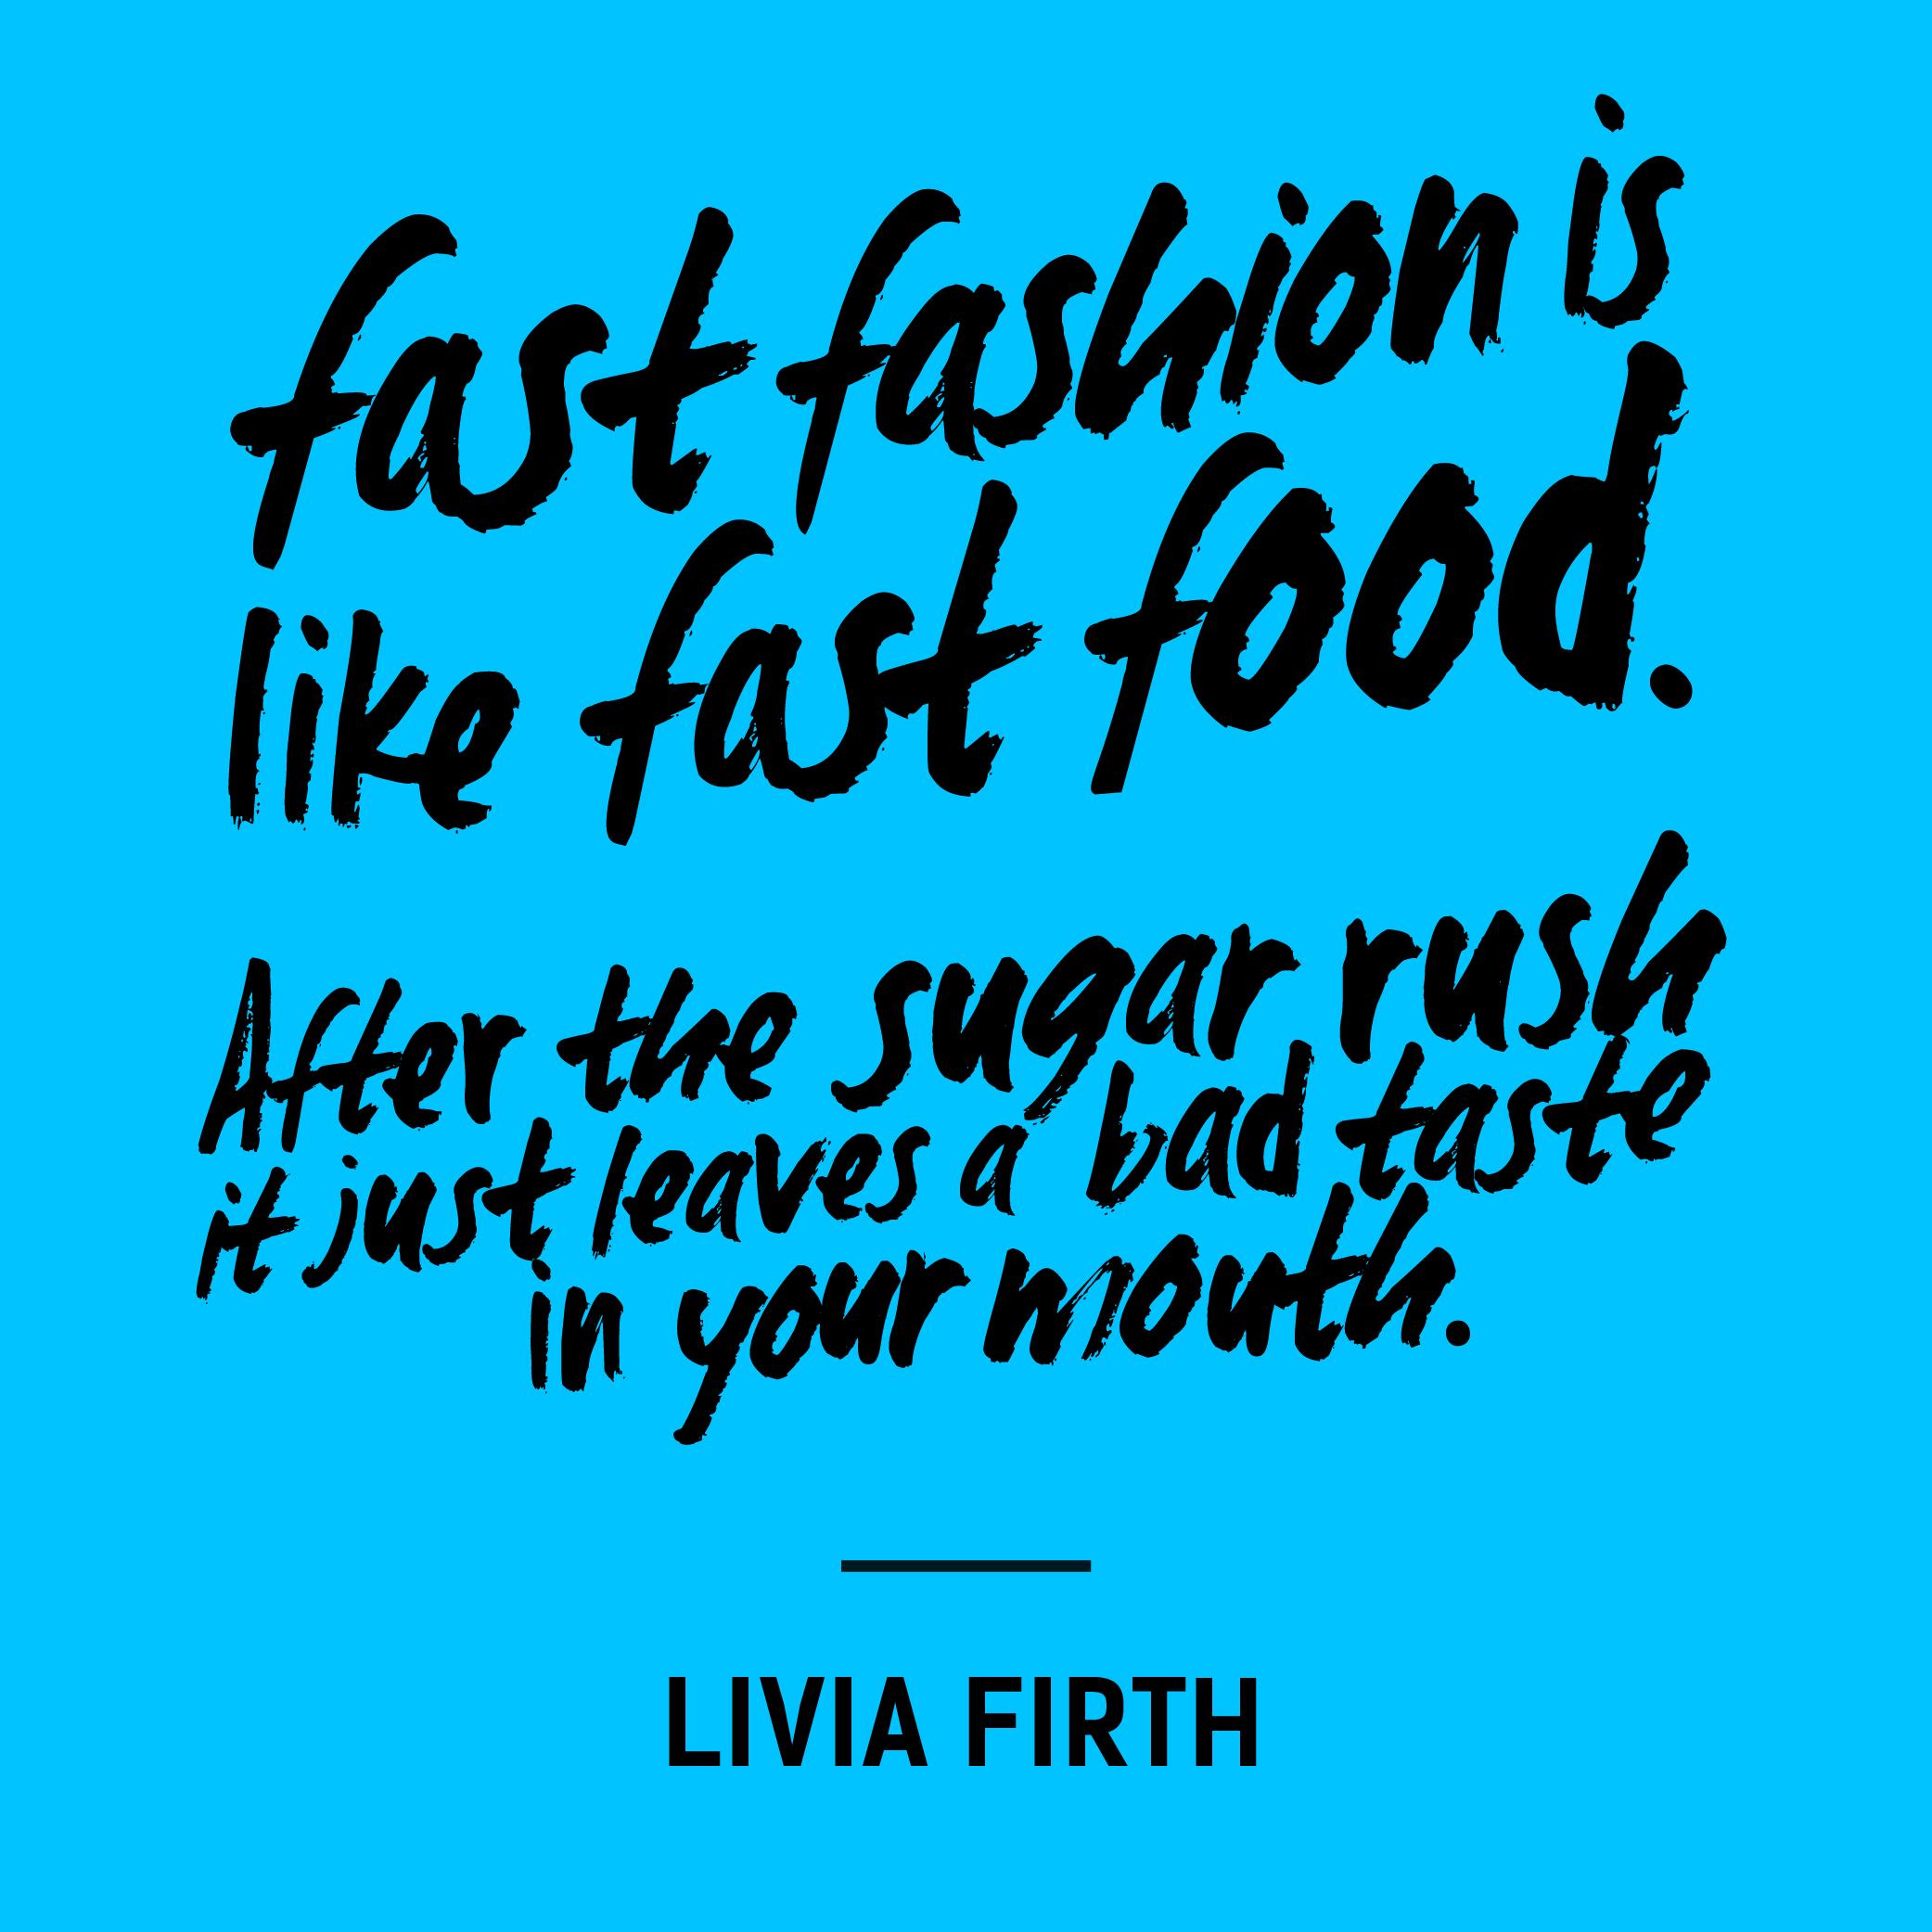 Fall Fashion Quotes: Fashionrevolution.org #FashRev